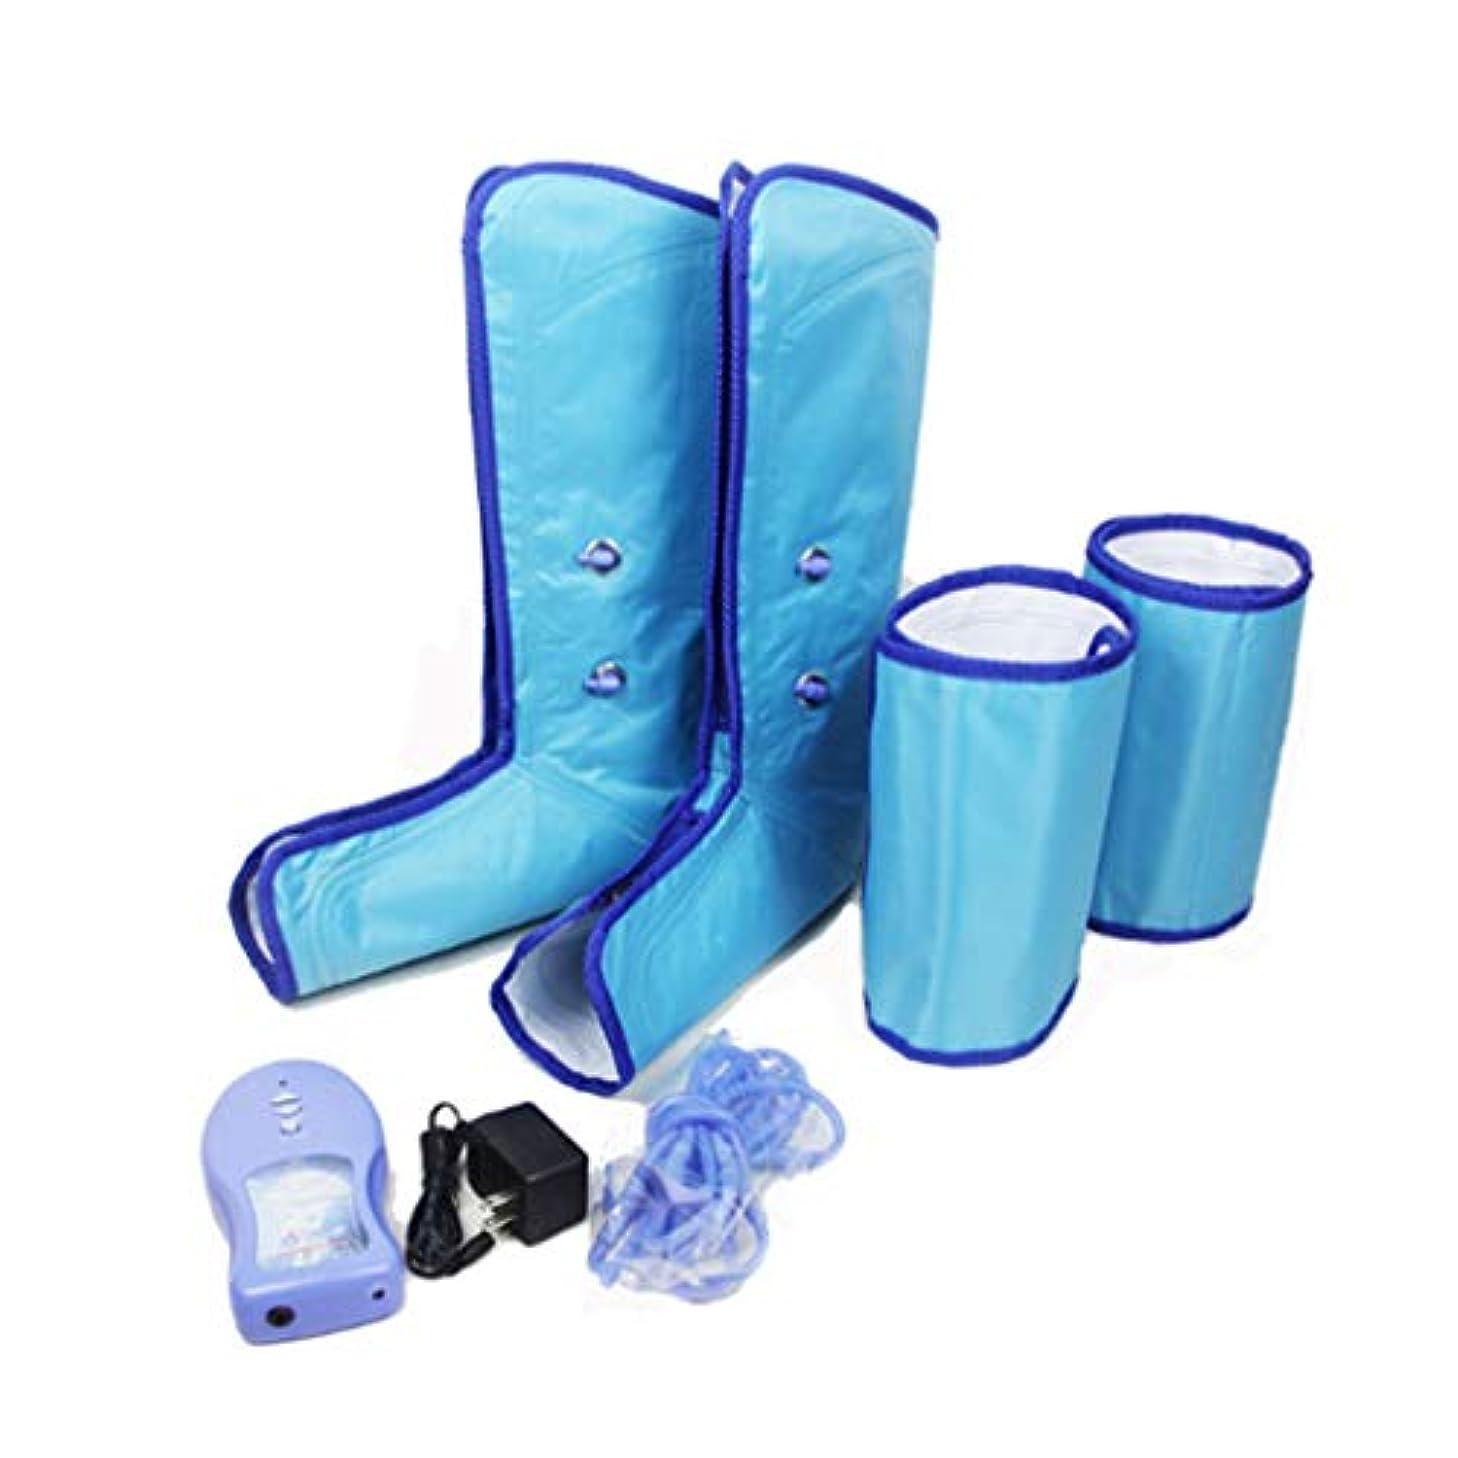 の中でボンド運賃循環および筋肉苦痛救助のための空気圧縮の足覆いのマッサージャー、足のふくらはぎおよび腿の循環のMassagetherapyの足の暖かい人